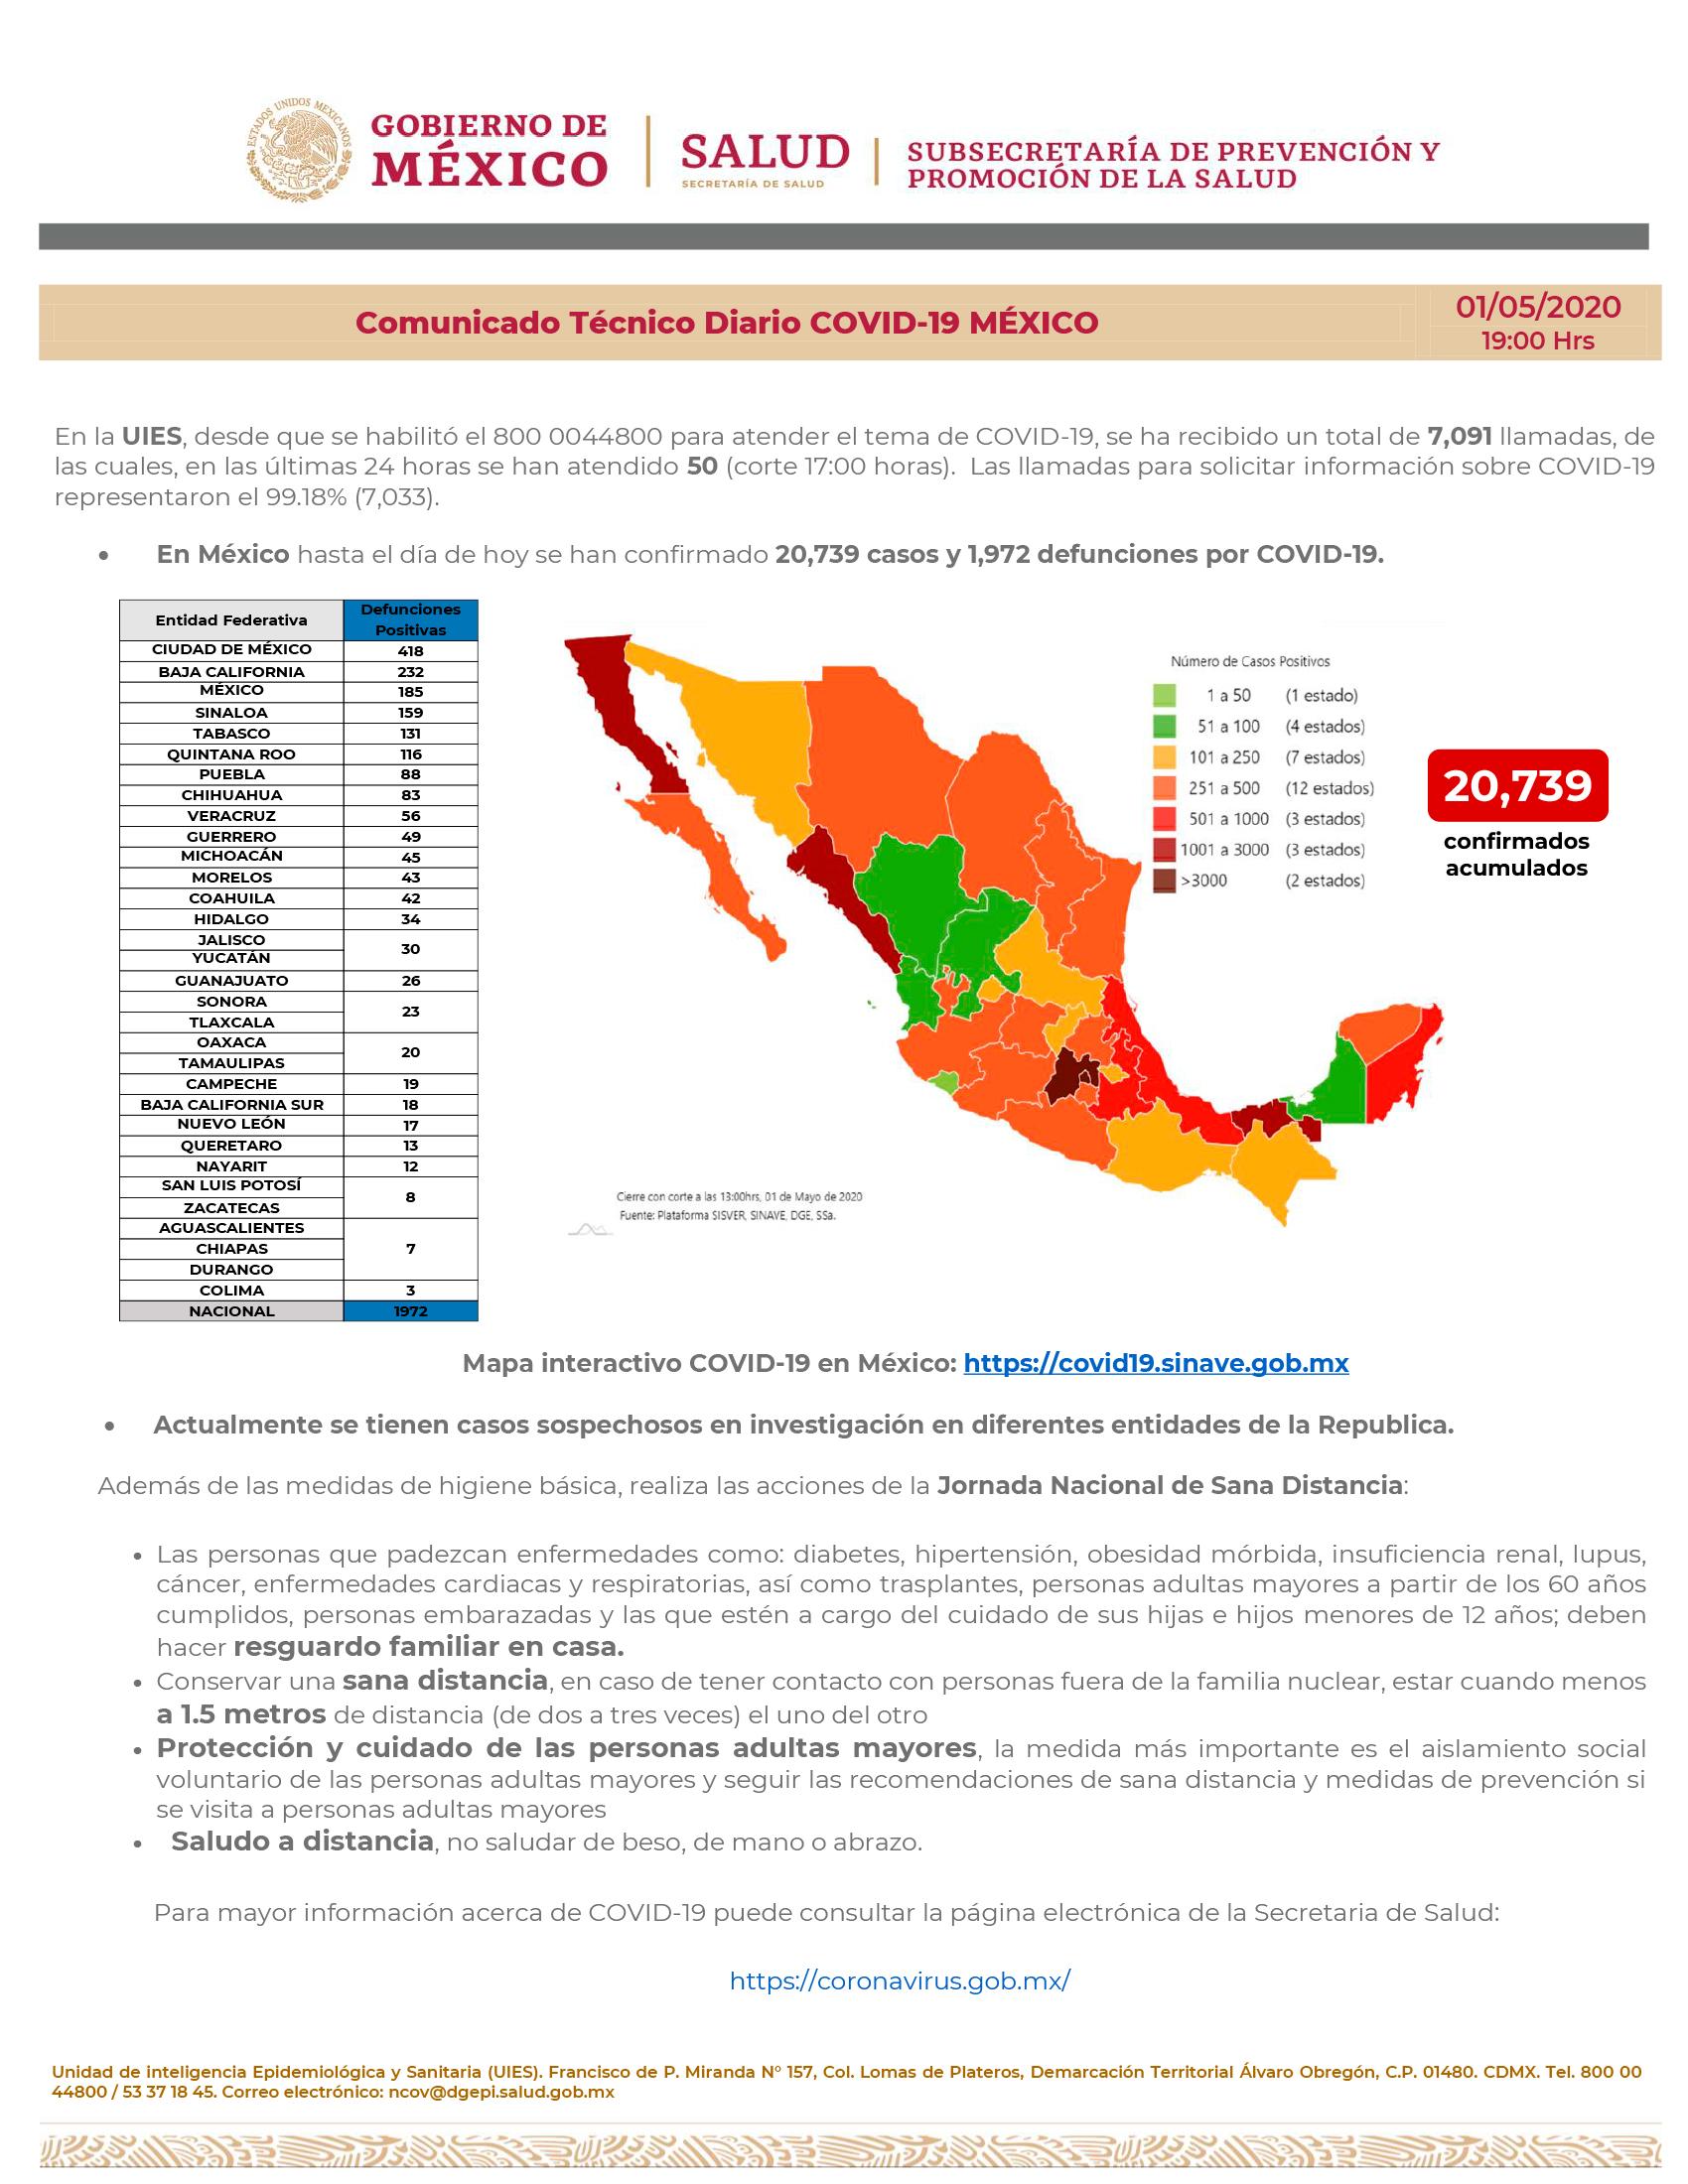 /cms/uploads/image/file/579875/Comunicado_Tecnico_Diario_COVID-19_2020.05.01-2.jpg